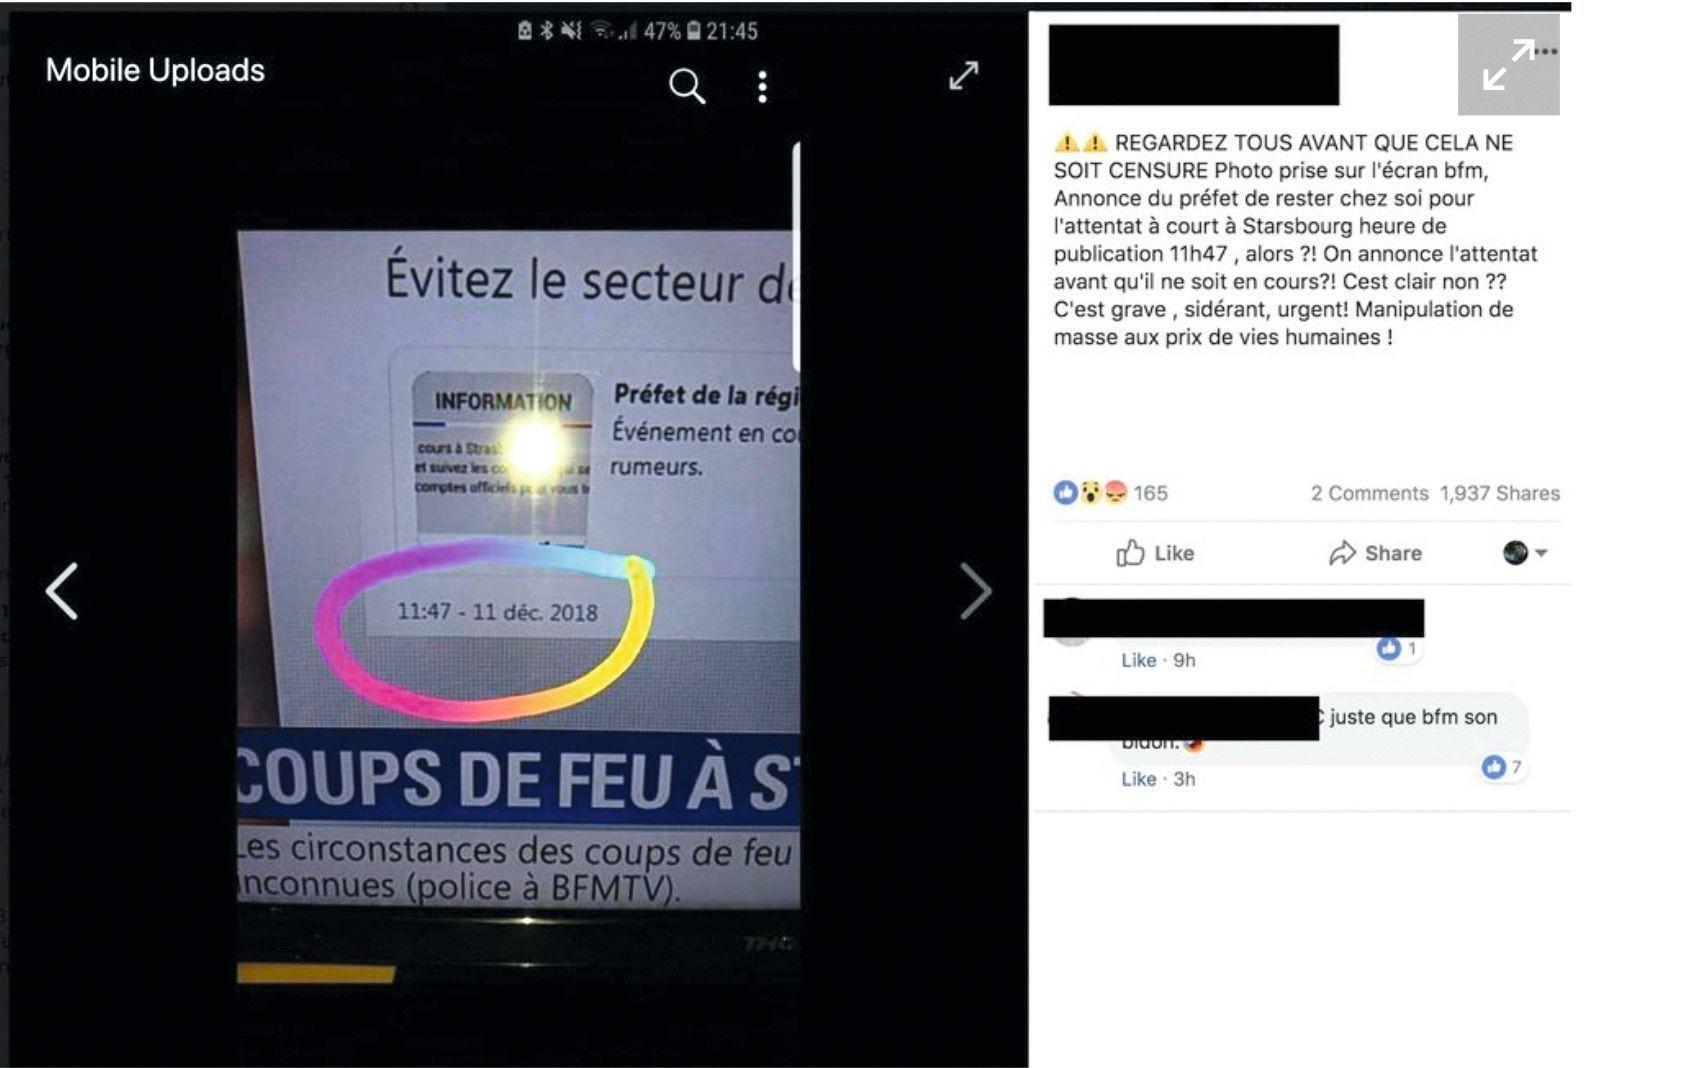 Post Facebook relayant la photo d'un écran diffusant un reportage de BFMTV dans lequel apparaît un tweet du préfet de la région Grand-Est.